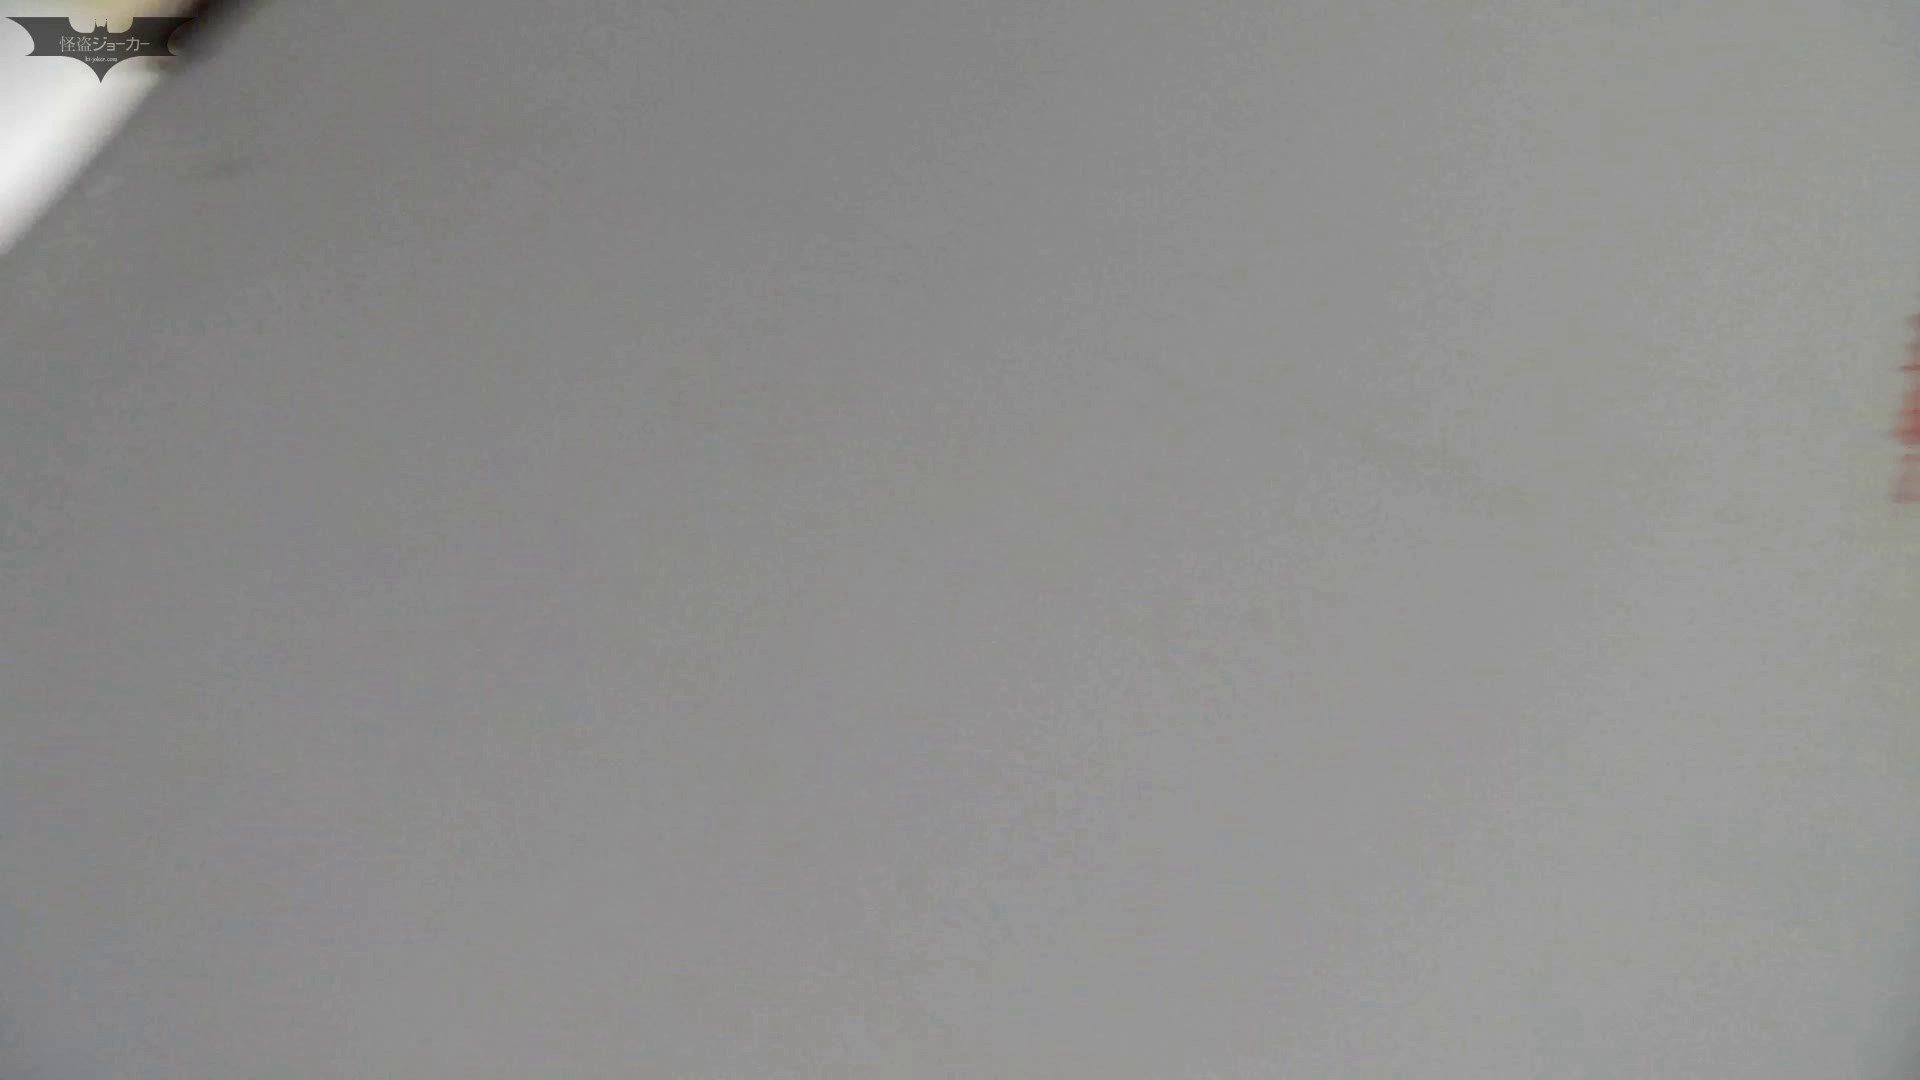 なんだこれ!! Vol.08 遂に美女登場!! エッチすぎるOL達 オマンコ動画キャプチャ 67連発 26